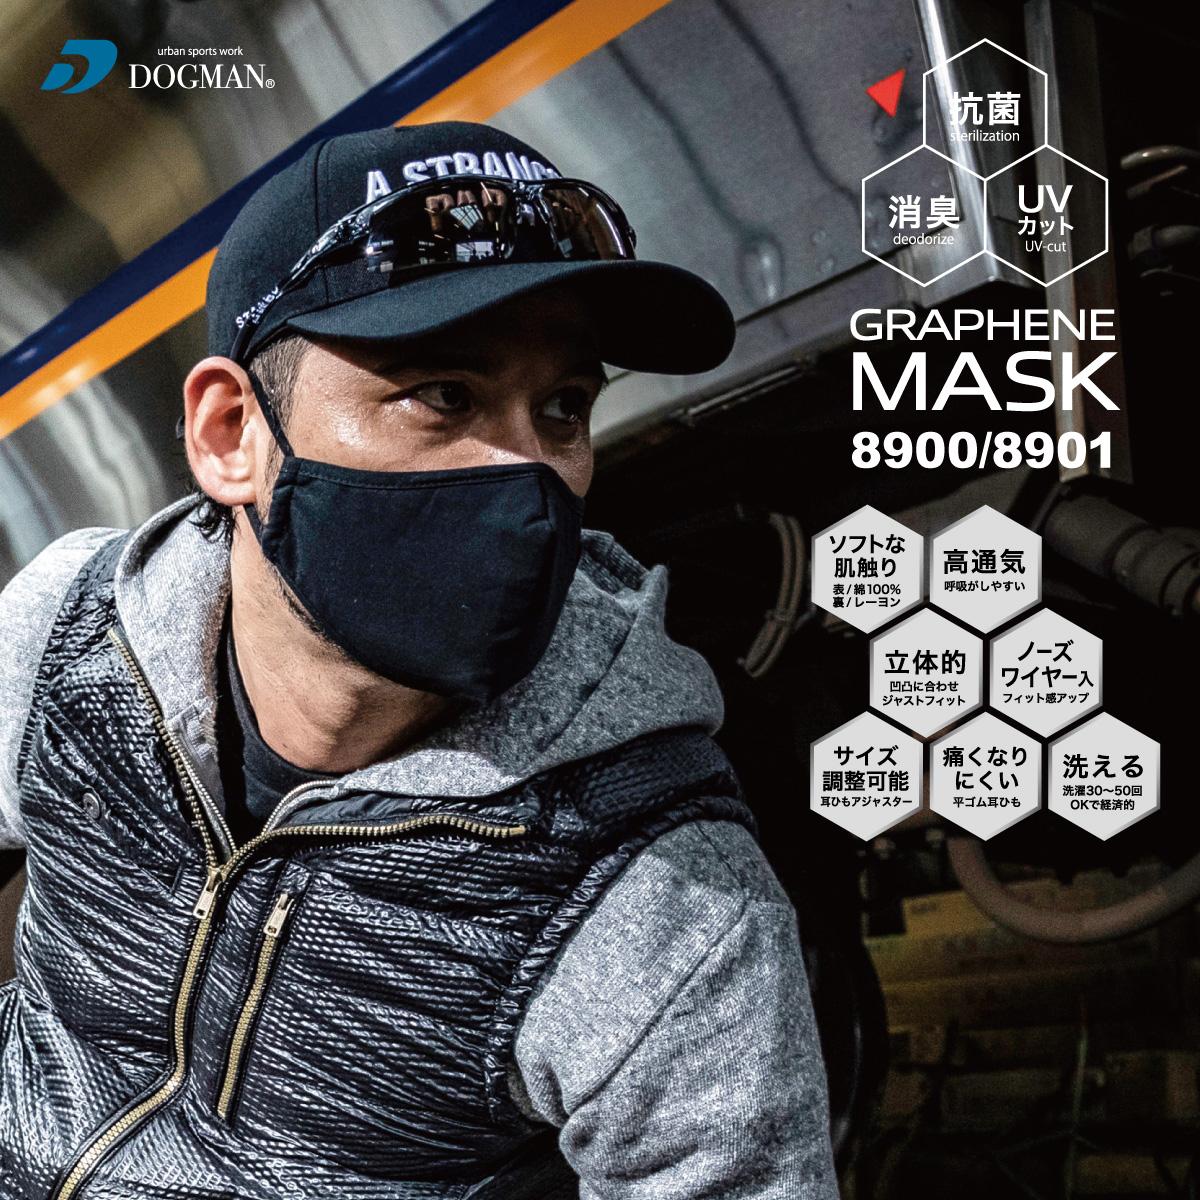 花粉 ほこり 最安値 年末年始大決算 かぜ対策に新素材グラフェンを使用したマスク ≪ポイント5倍 25日0:00~23:59まで≫ 抗菌消臭 DOGMAN UR 8900 グラフェンマスク CUC 作業着 中国産業 WORCLO 細菌 マスク ワークウェア 風邪 ドッグマンアーバンスポーツ 作業服 ウイルス飛来対策